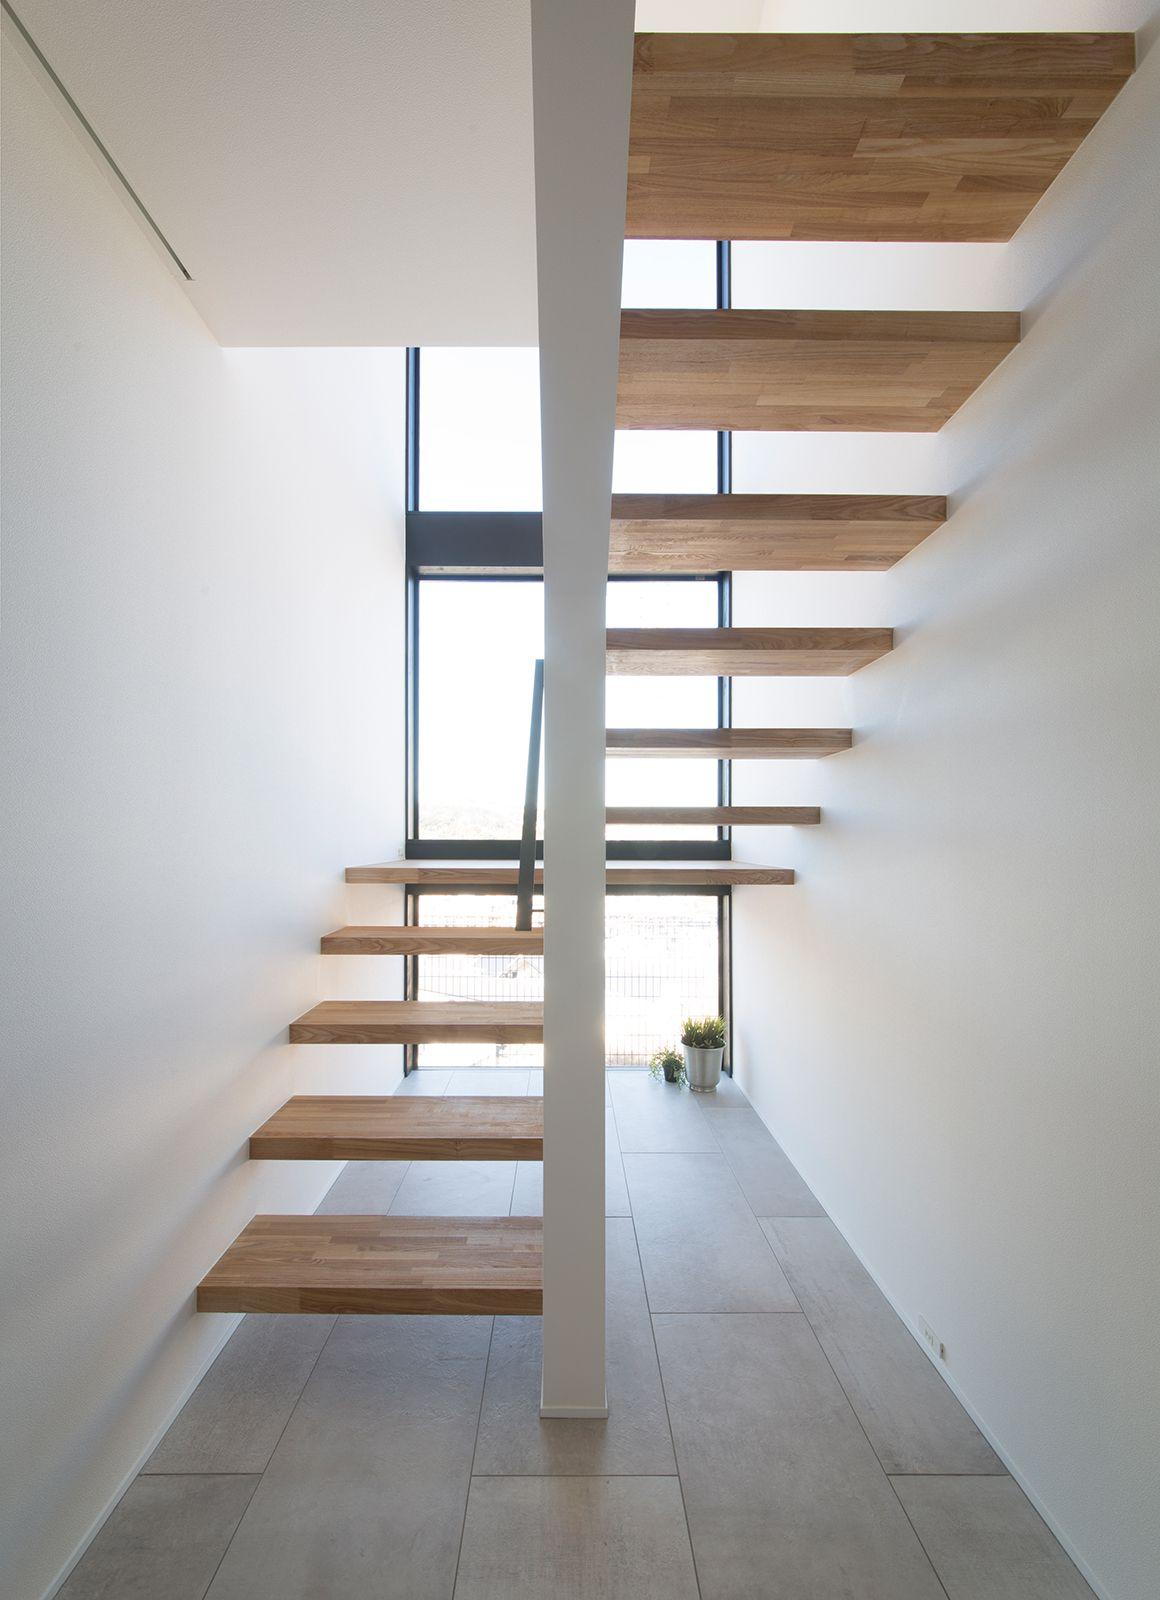 ルンバブルハウスの階段(木製)1